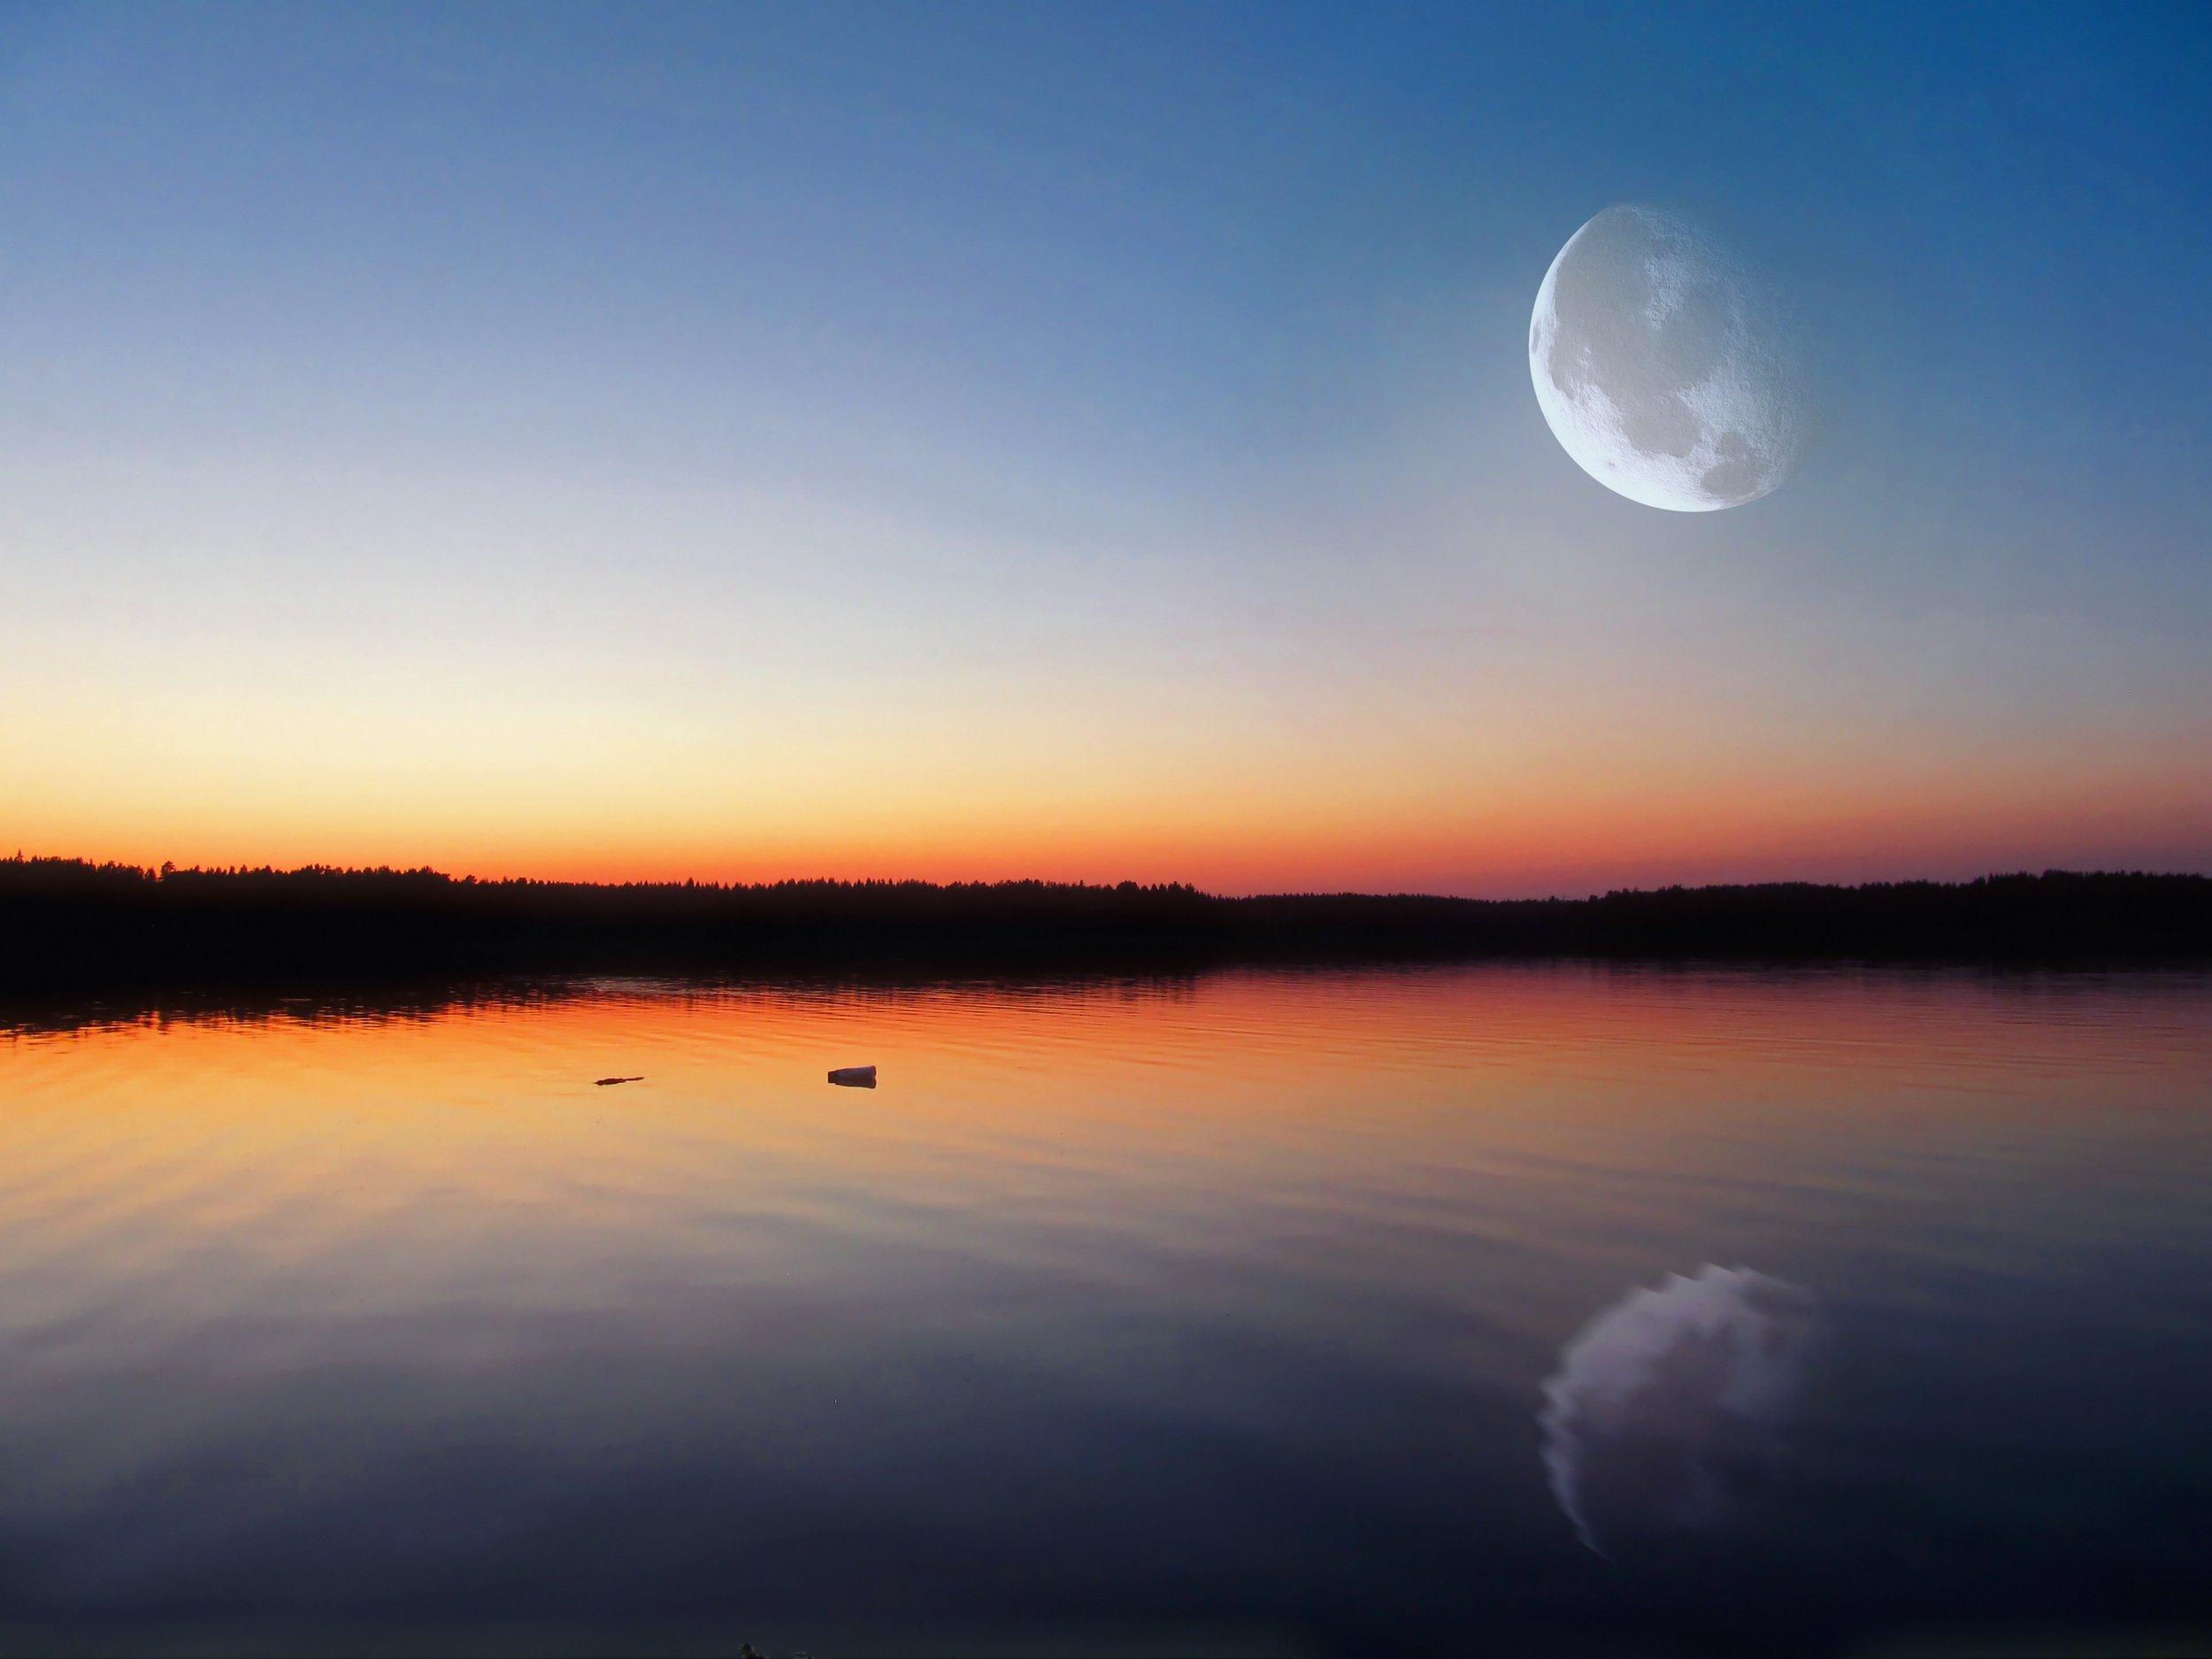 evening-lake-639699.jpg